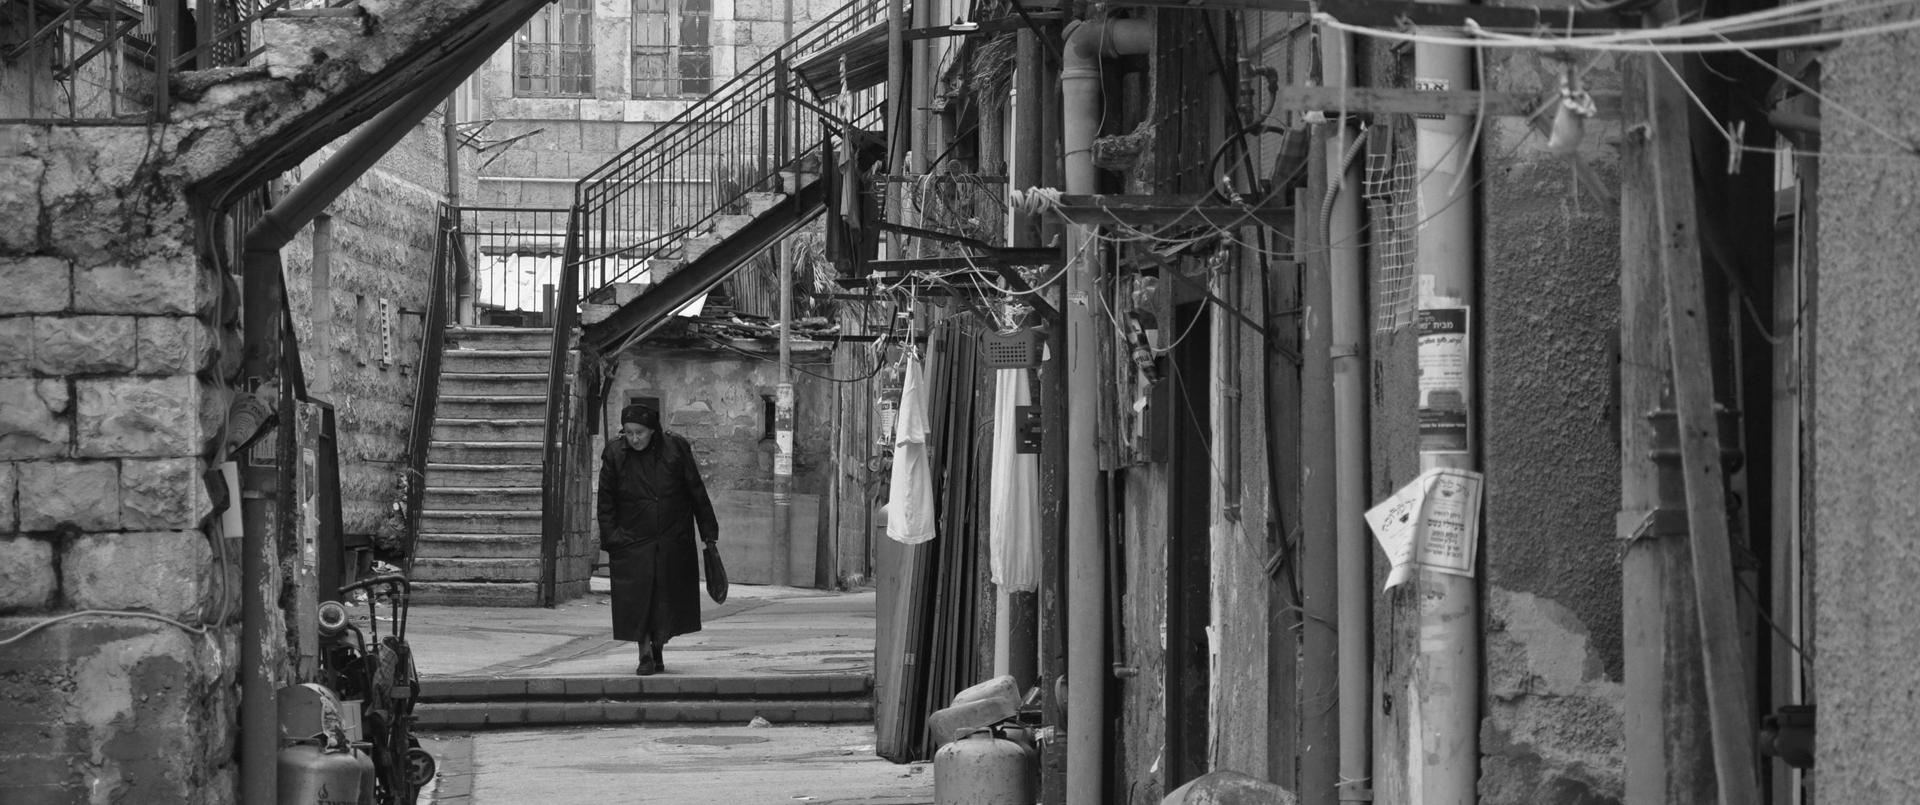 מאה שערים ירושלים - יואל שתרוג - אדמה יוצרת yoel sitruk